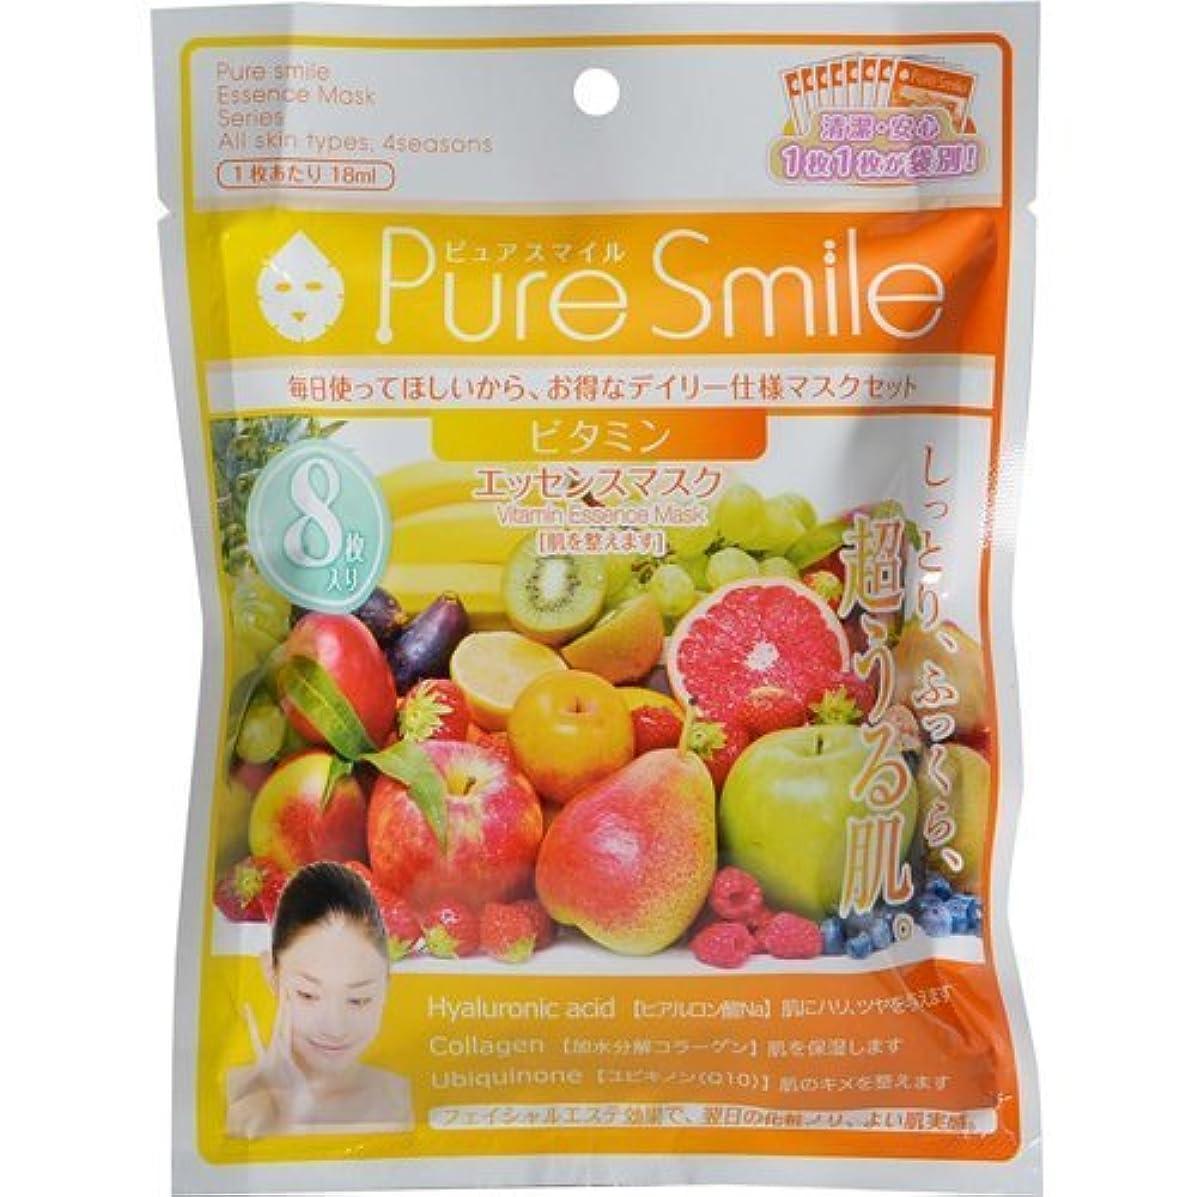 混雑自分の力ですべてをする大陸Pure Smile エッセンスマスク8枚セット ビタミン 8枚